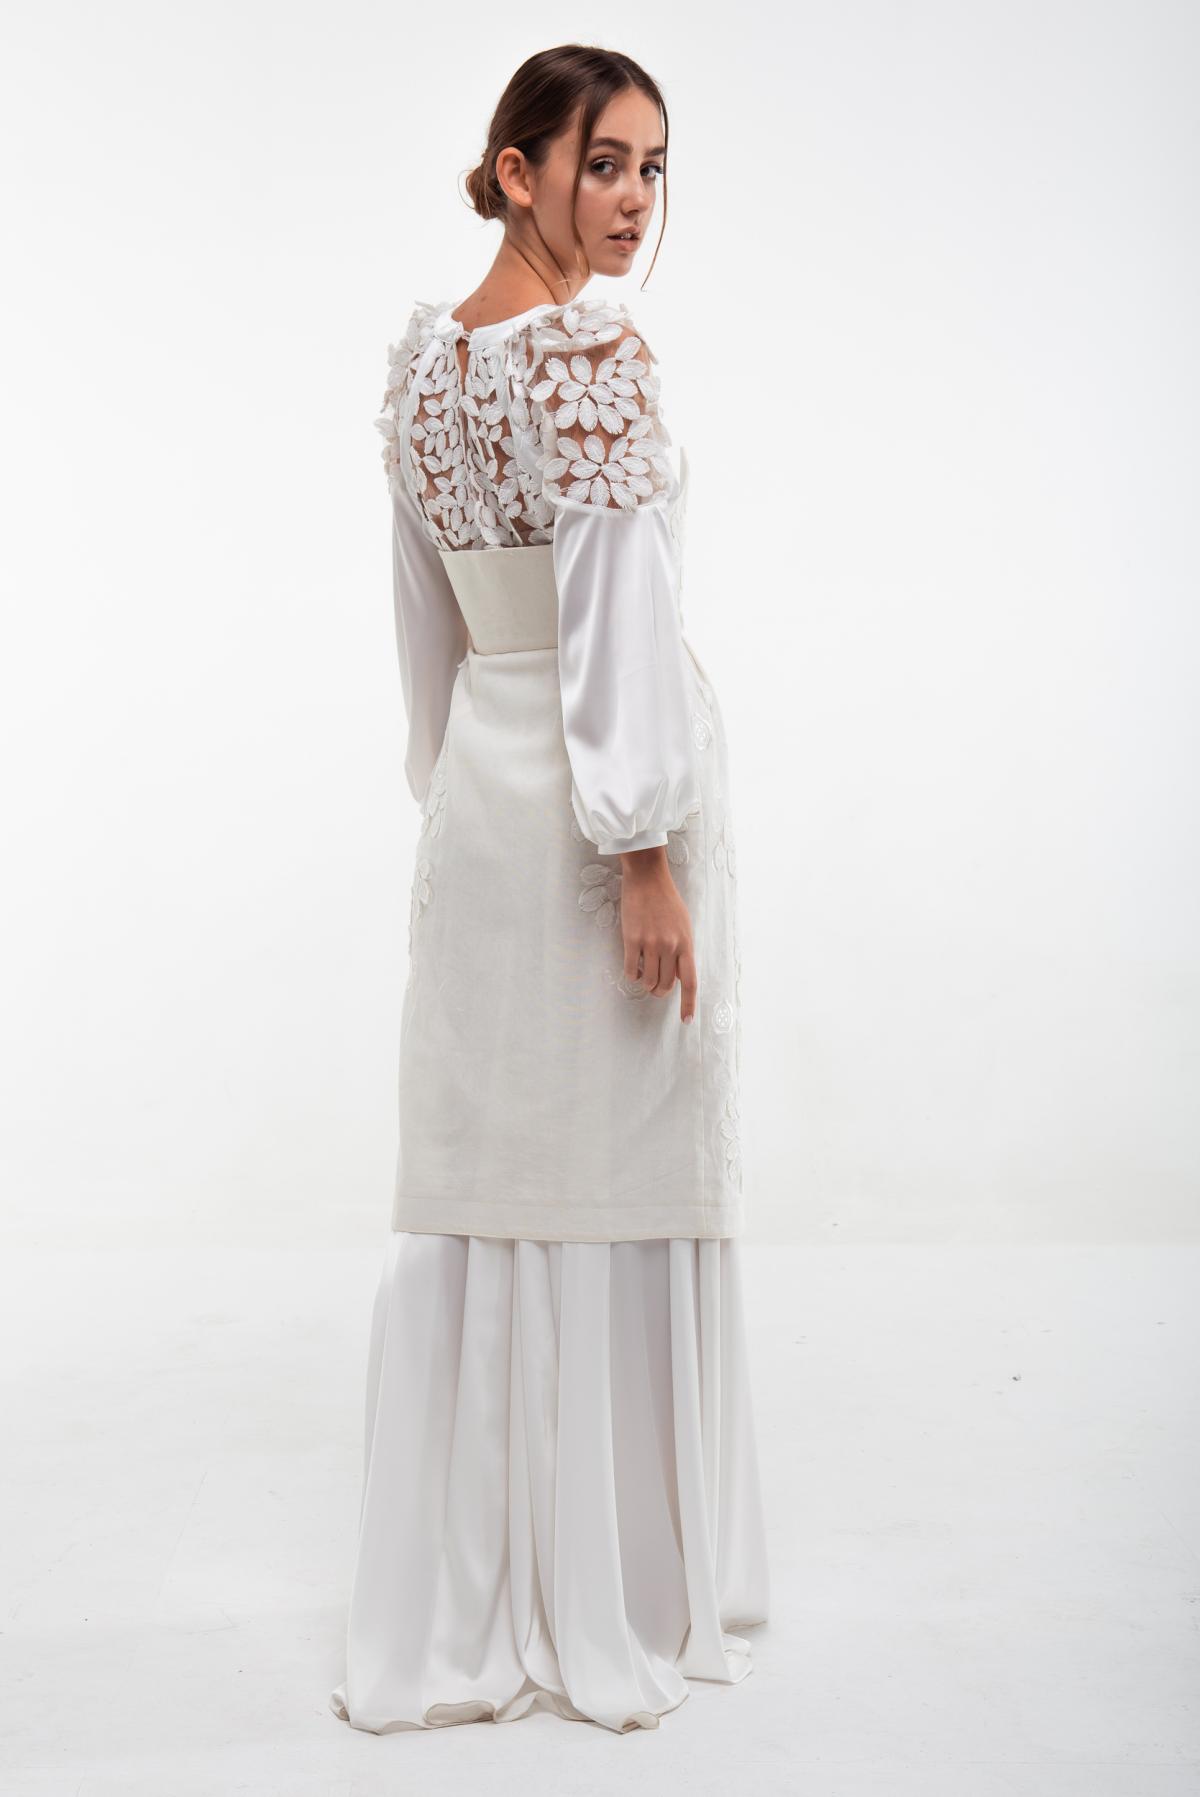 Вышитое белое платье Невеста. Фото №2. | Народный дом Украина